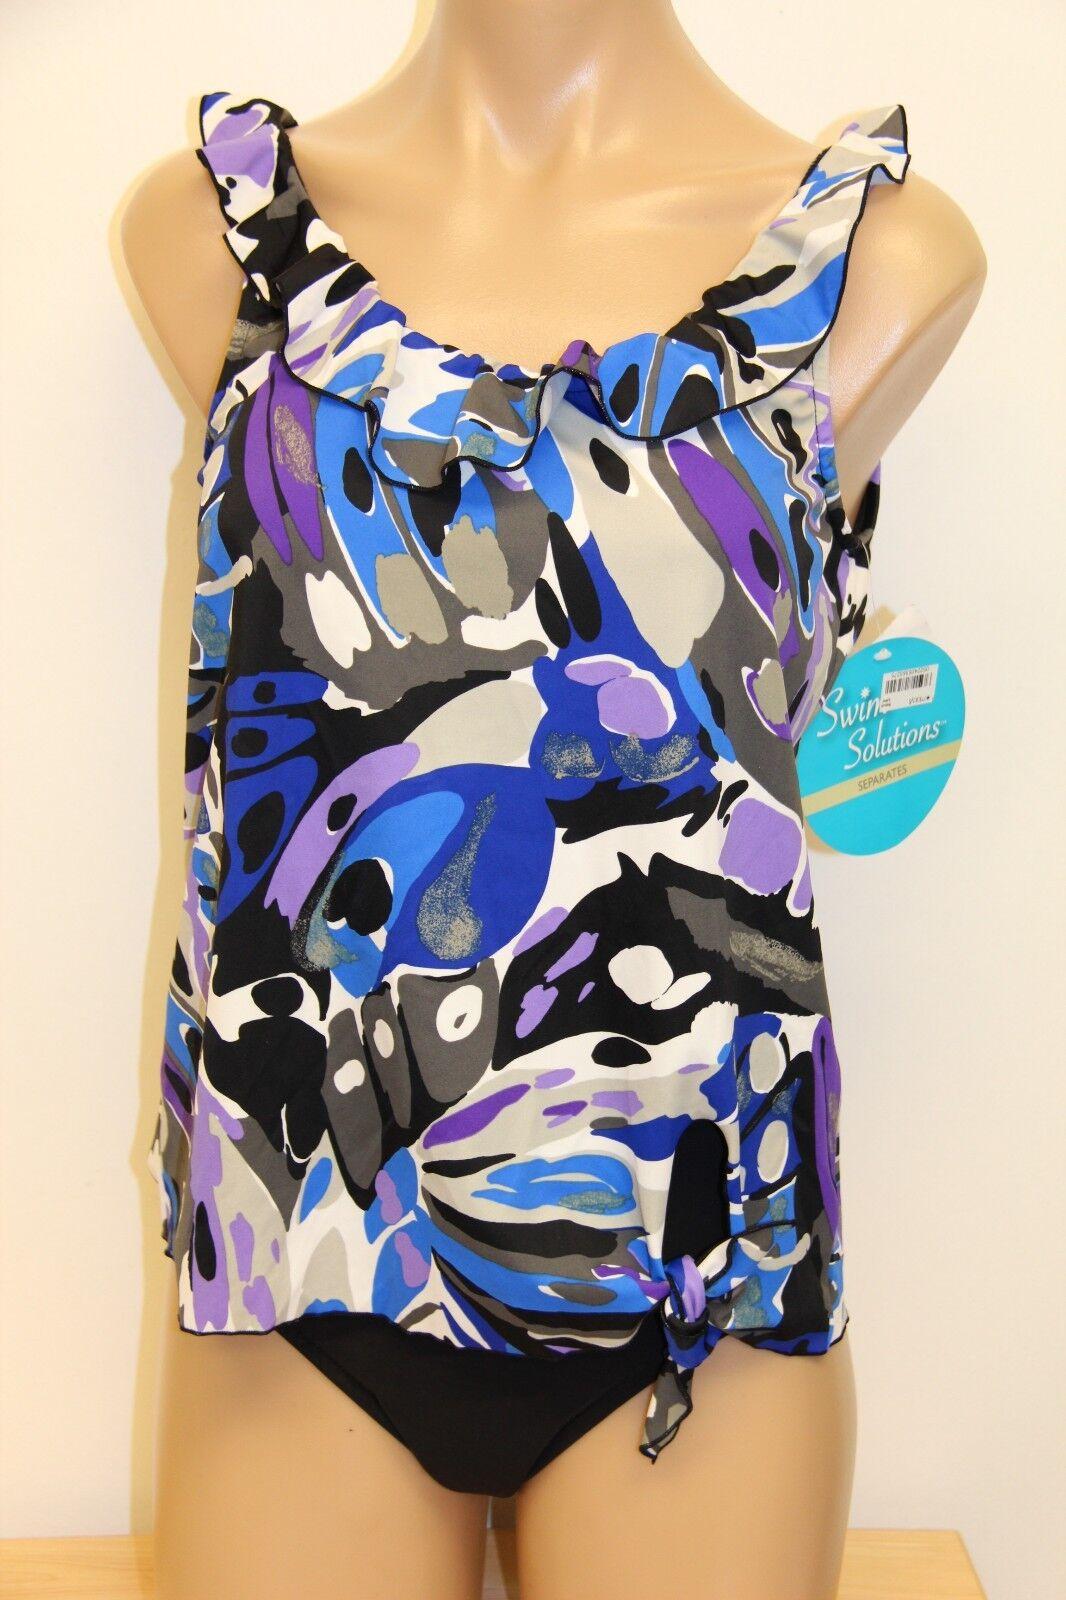 NWT Swim Solutions Swimsuit  Bikini Tankini 2 pc set Size 6 8  Papillon